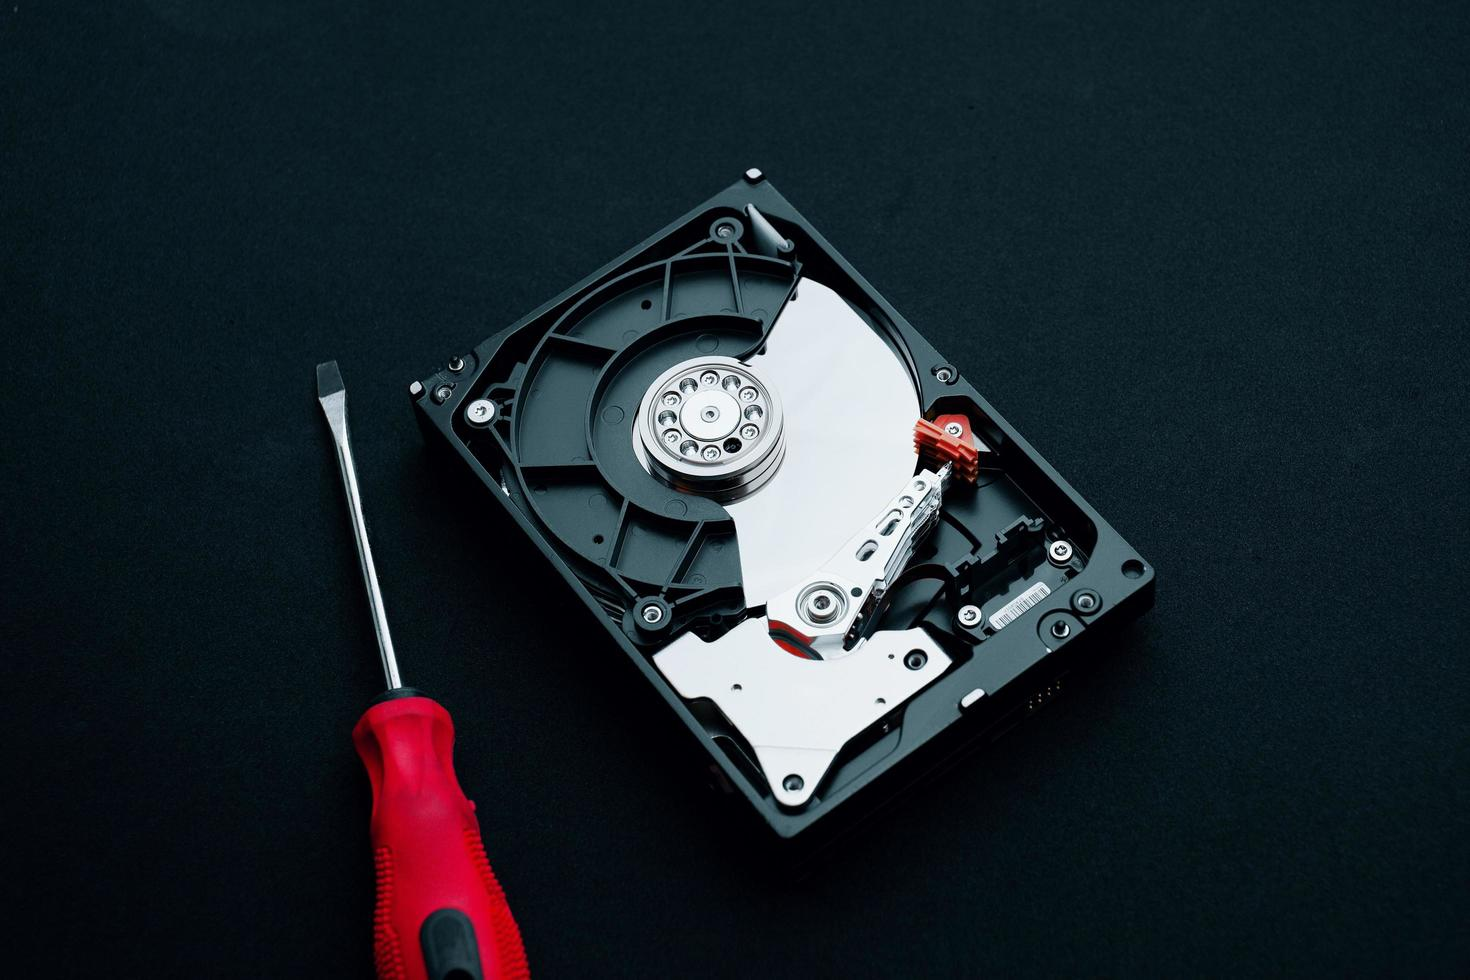 reparation av maskinvara, hårddisk och skruvmejslar foto